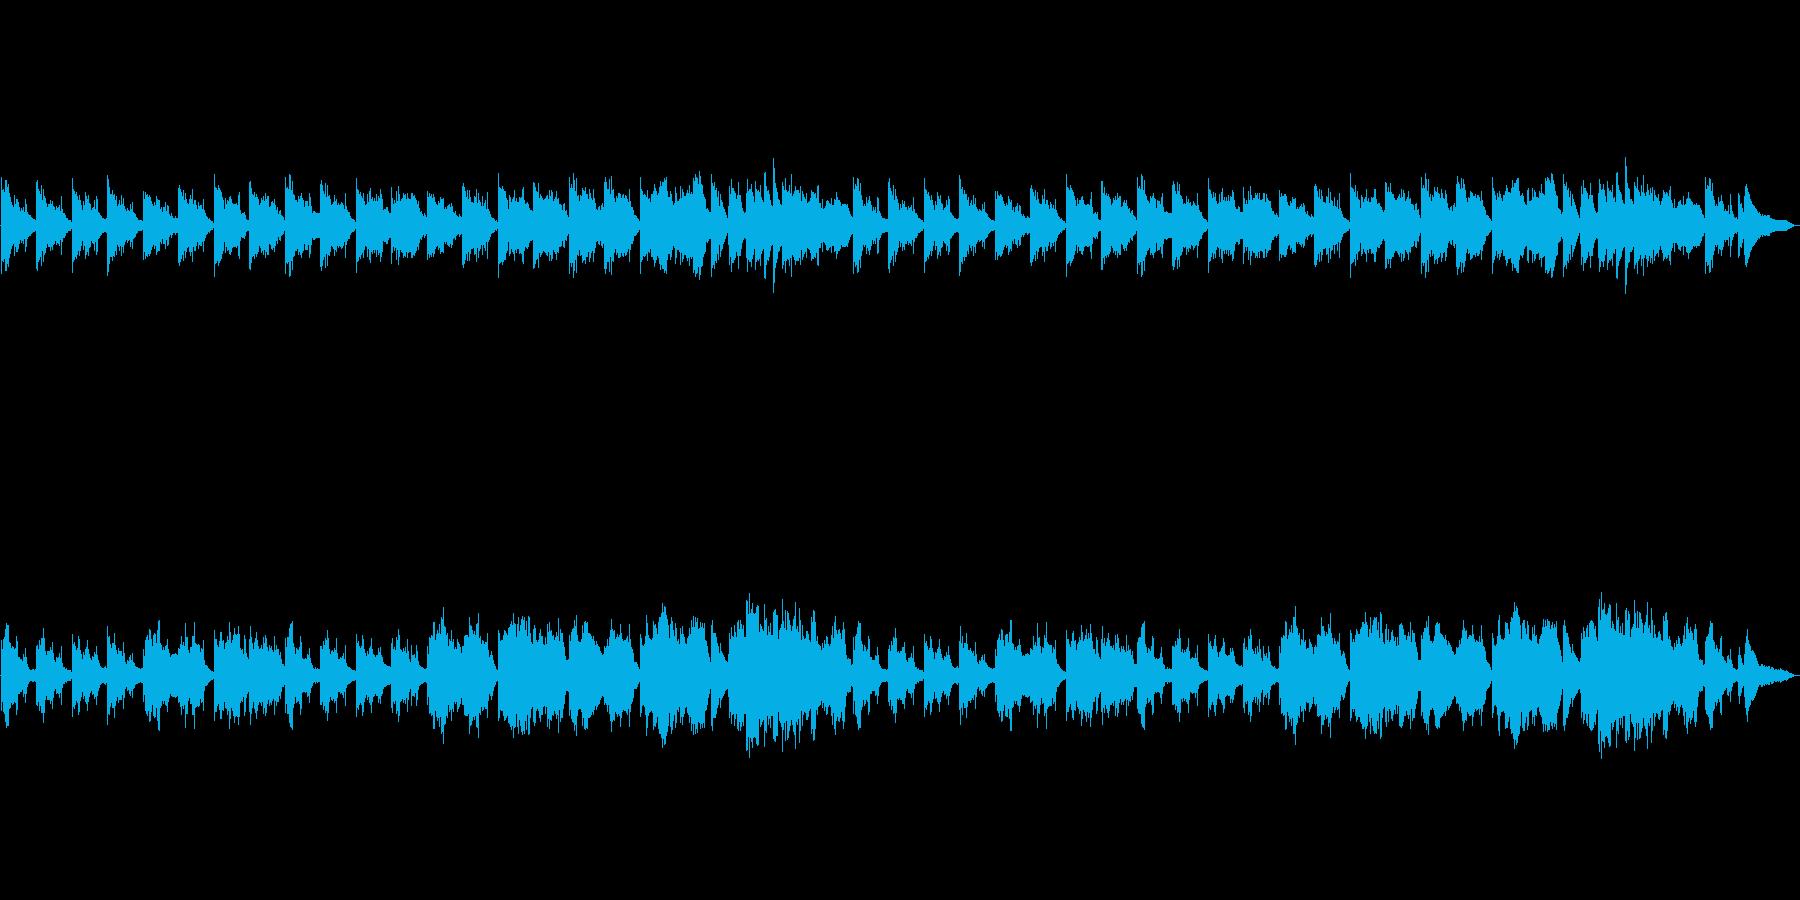 憂鬱で悲しいピアノとストリングスの曲の再生済みの波形